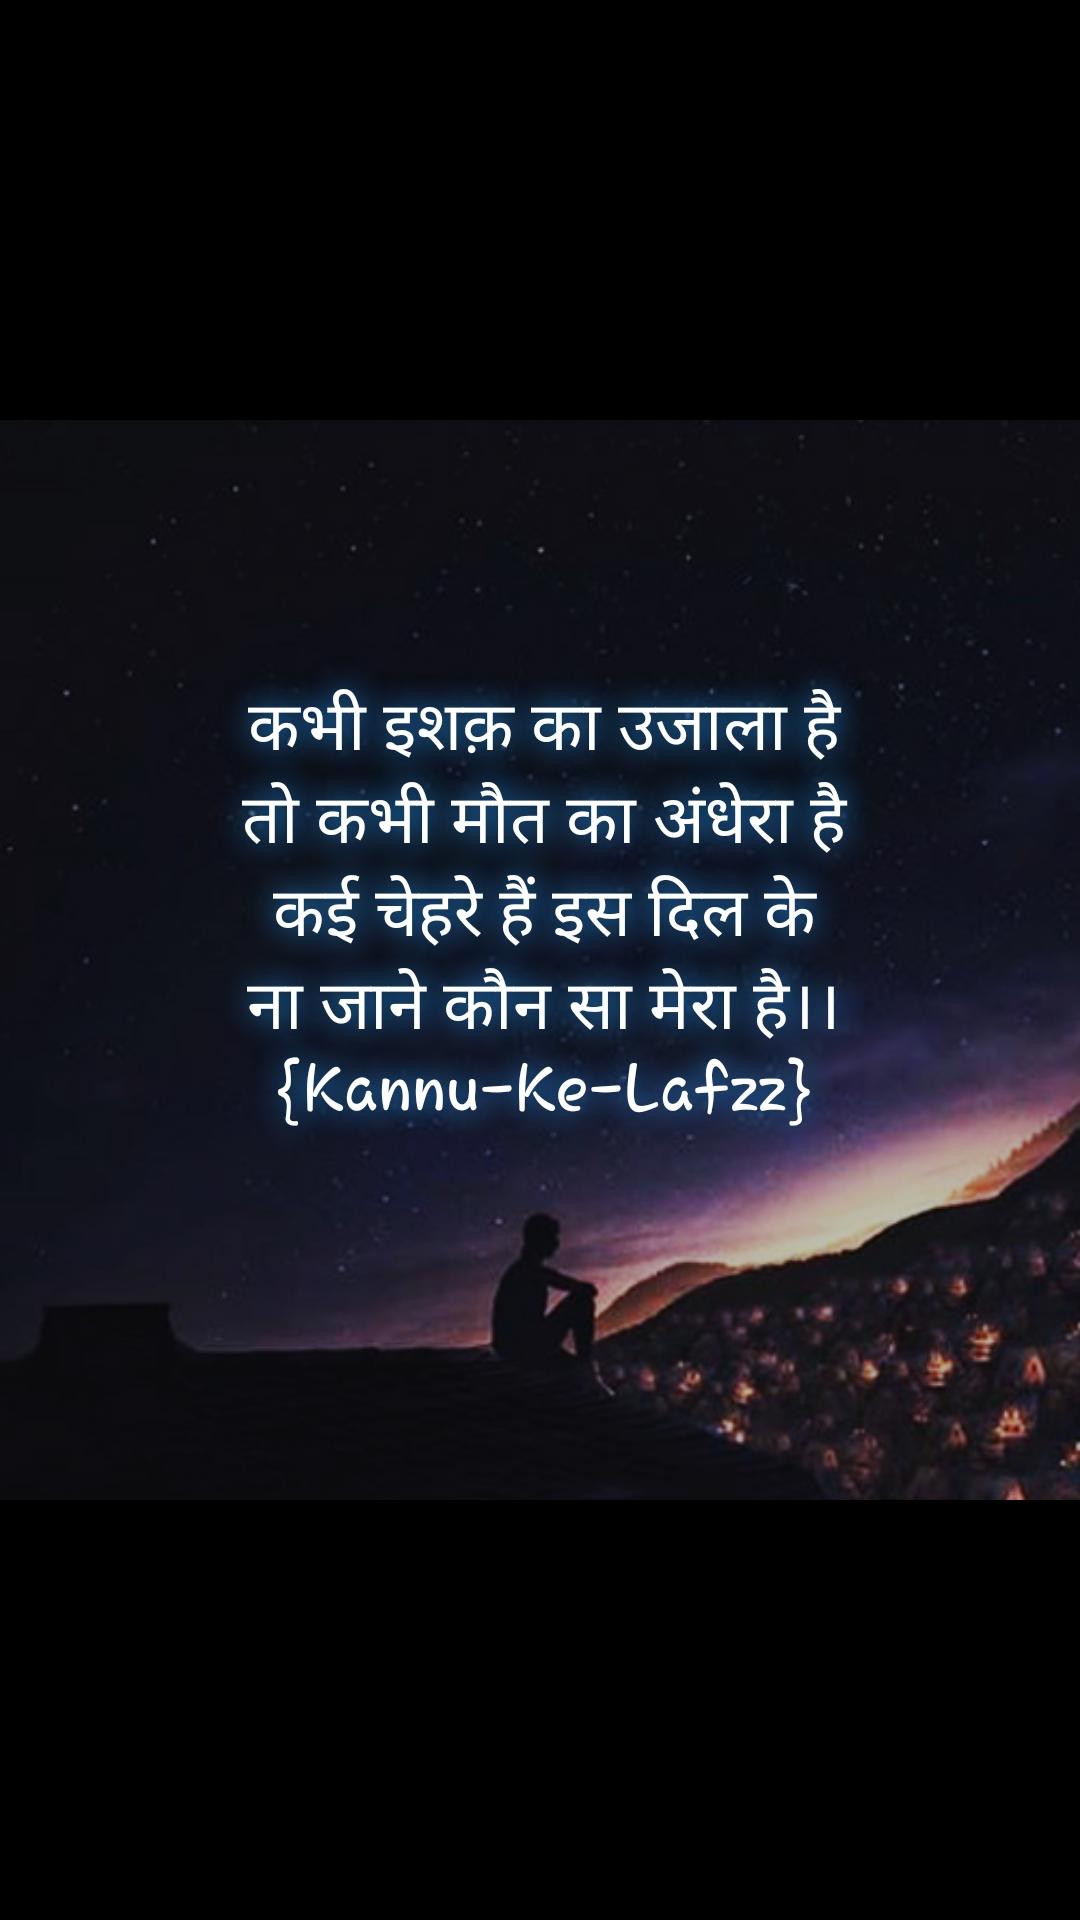 Night sms quotes messages in hindi  कभी इशक़ का उजाला है तो कभी मौत का अंधेरा है कई चेहरे हैं इस दिल के ना जाने कौन सा मेरा है।। {Kannu-Ke-Lafzz}